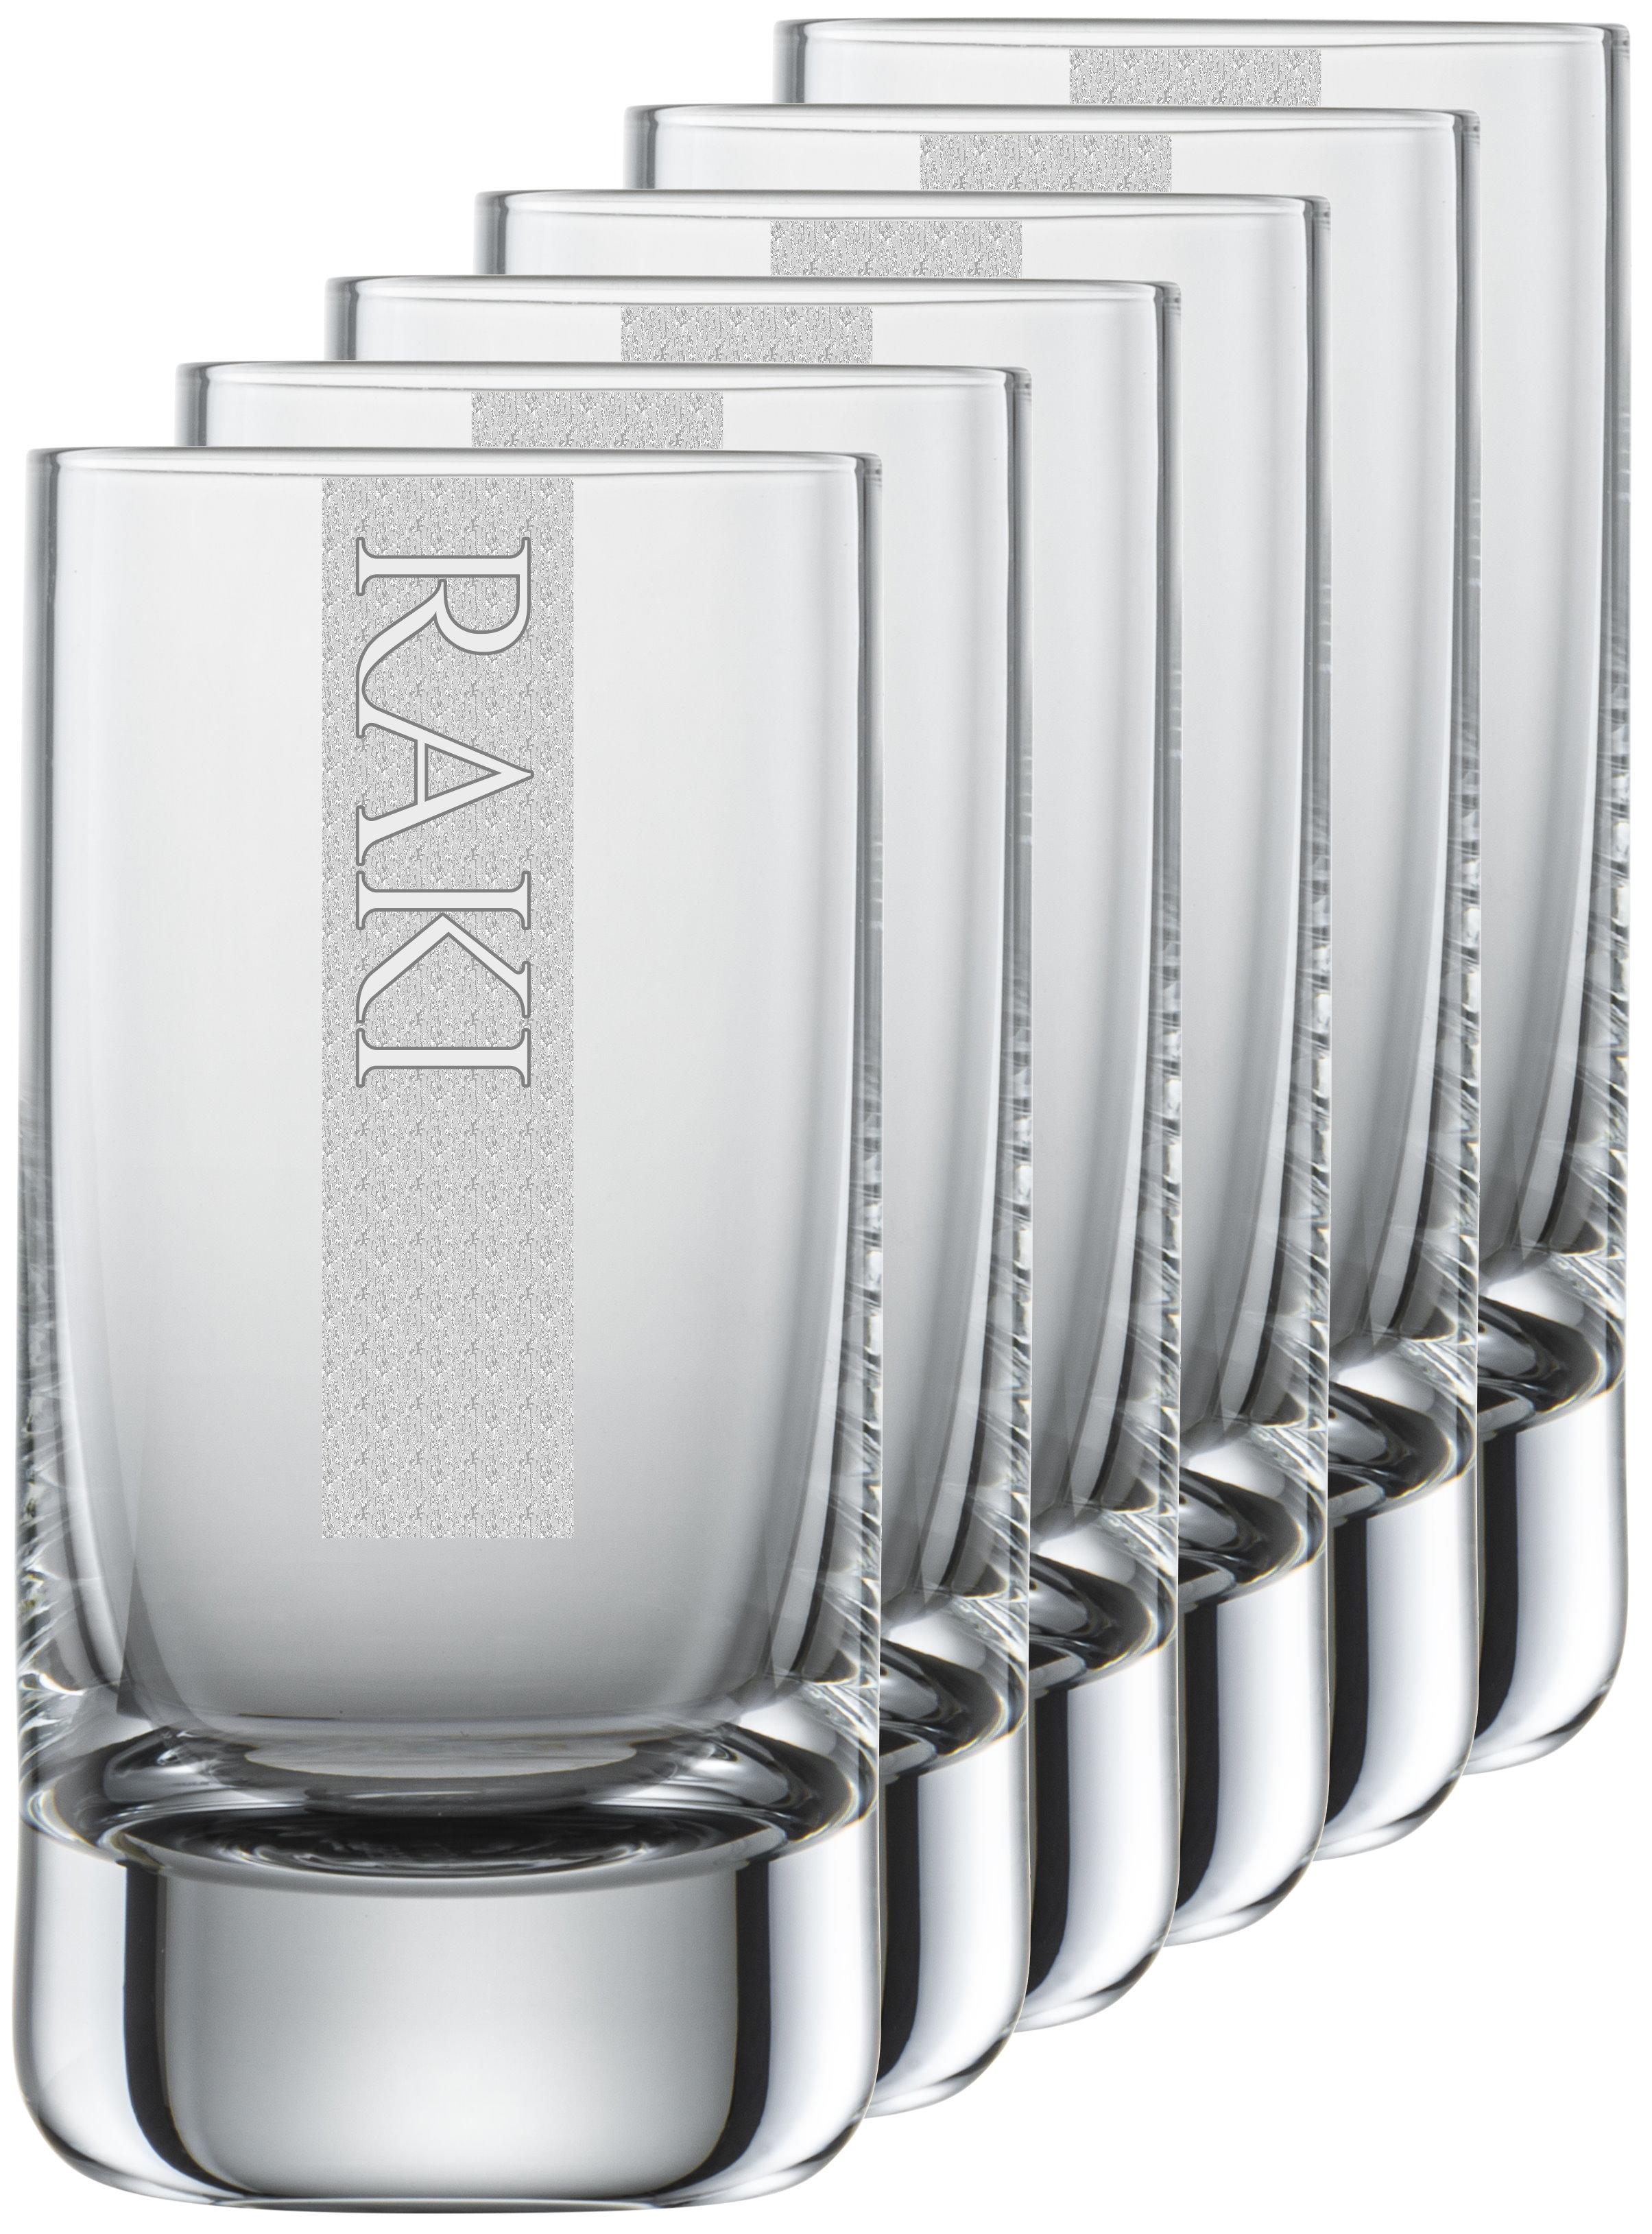 RAKI Gläser   6 Stück 5cl Schott Schnapsglas   CoolGlas